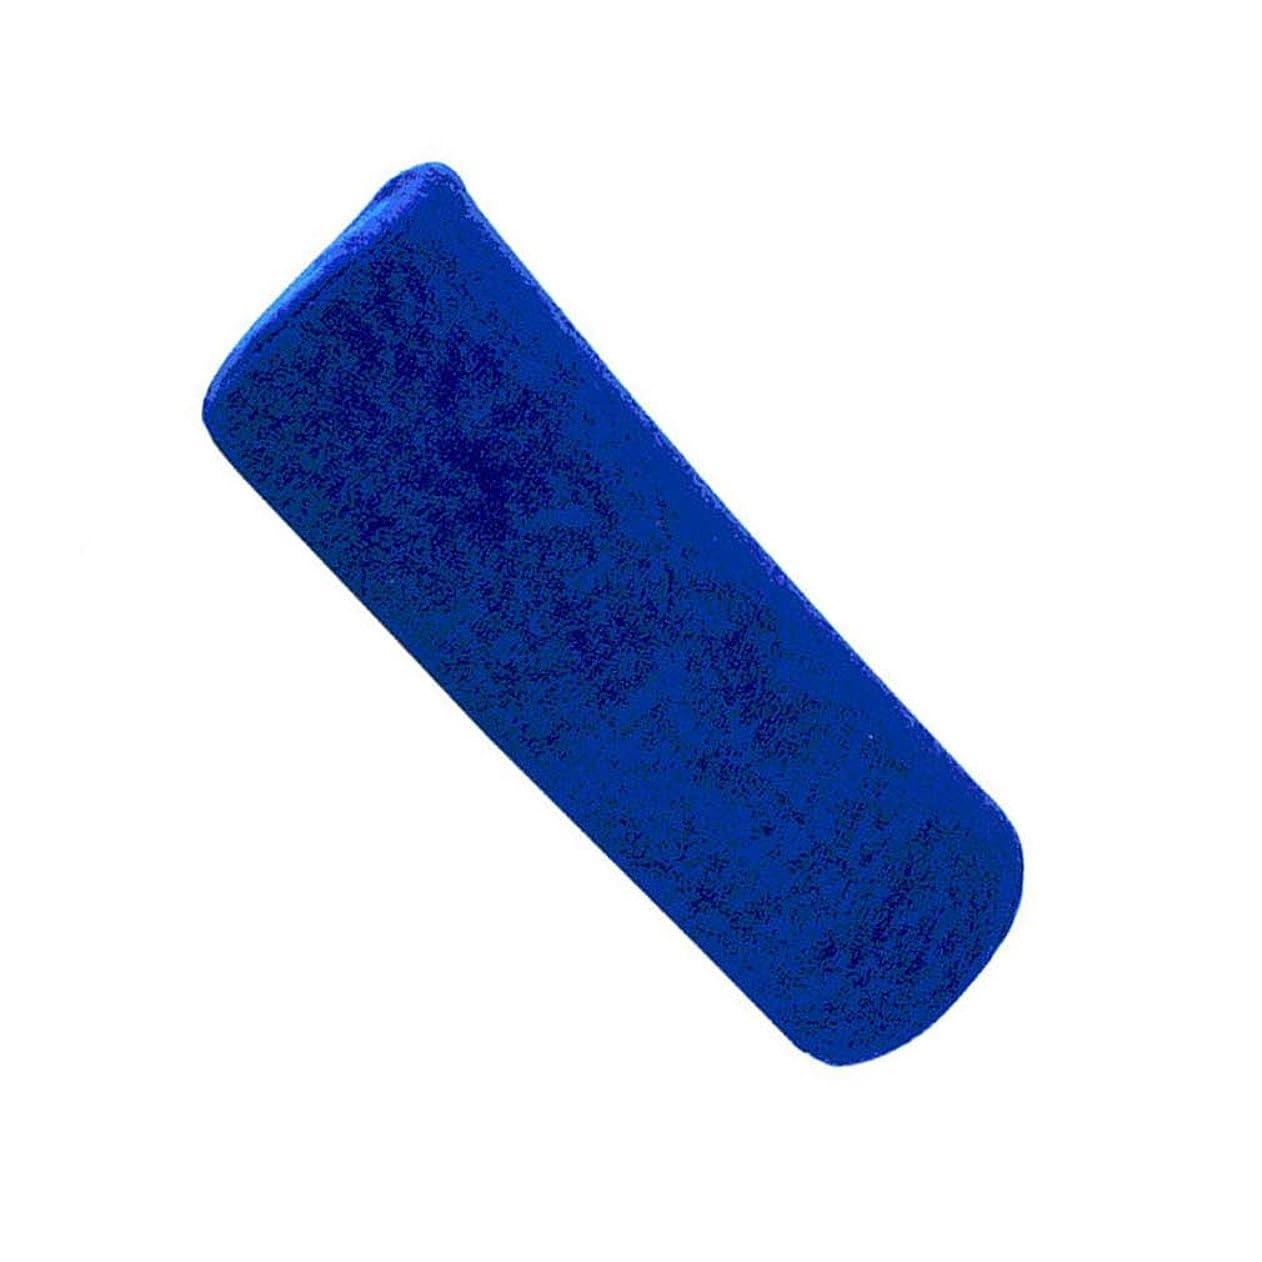 突然のマエストロトリッキー1st market プレミアムマニキュアショップソフトハンドレストクッション枕ネイルアートデザインマニキュアケアトリートメントサロンツールロイヤルブルー